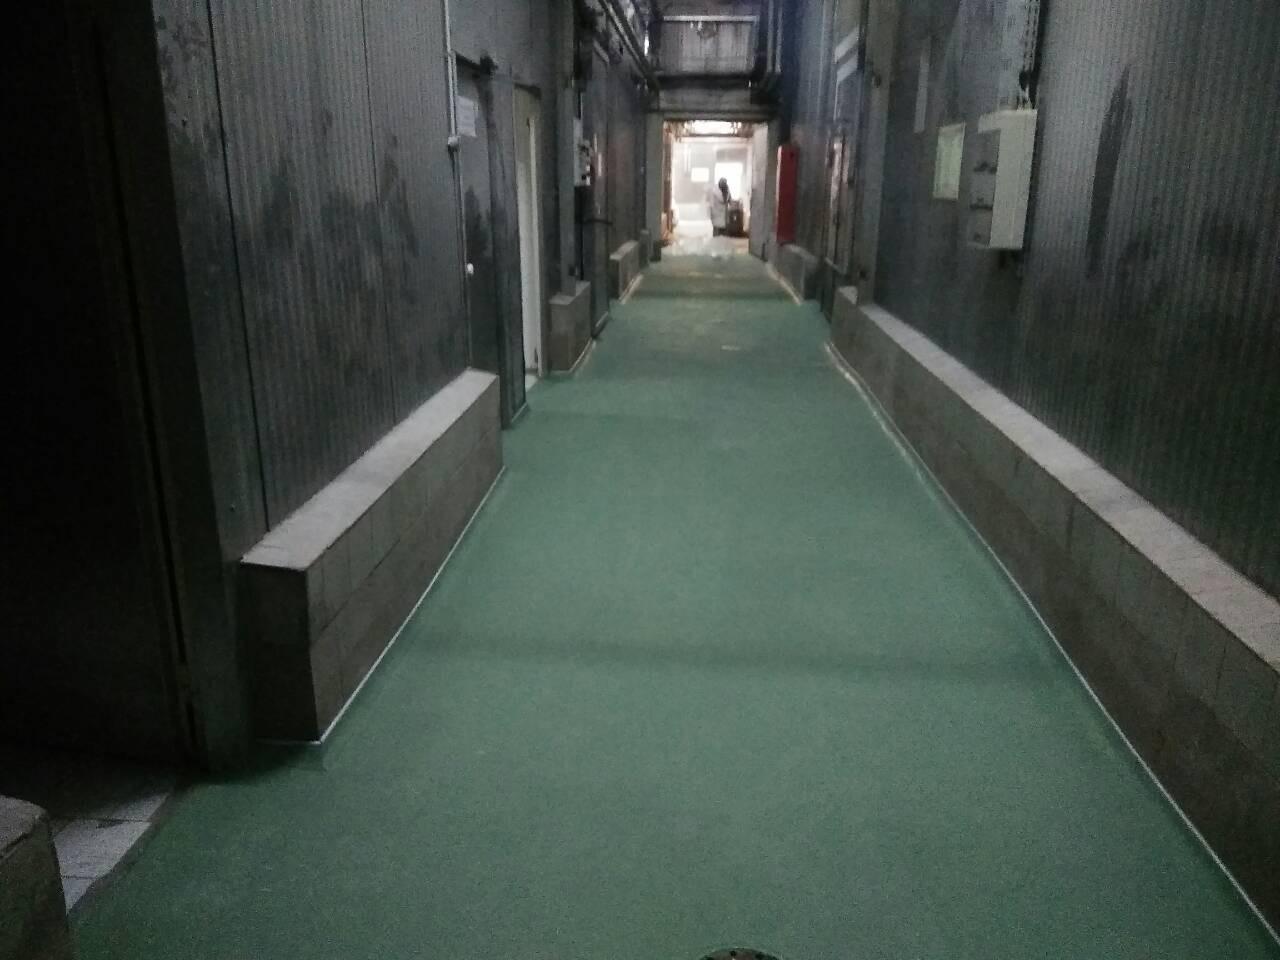 Одна из самых нагруженных зон - коридор.